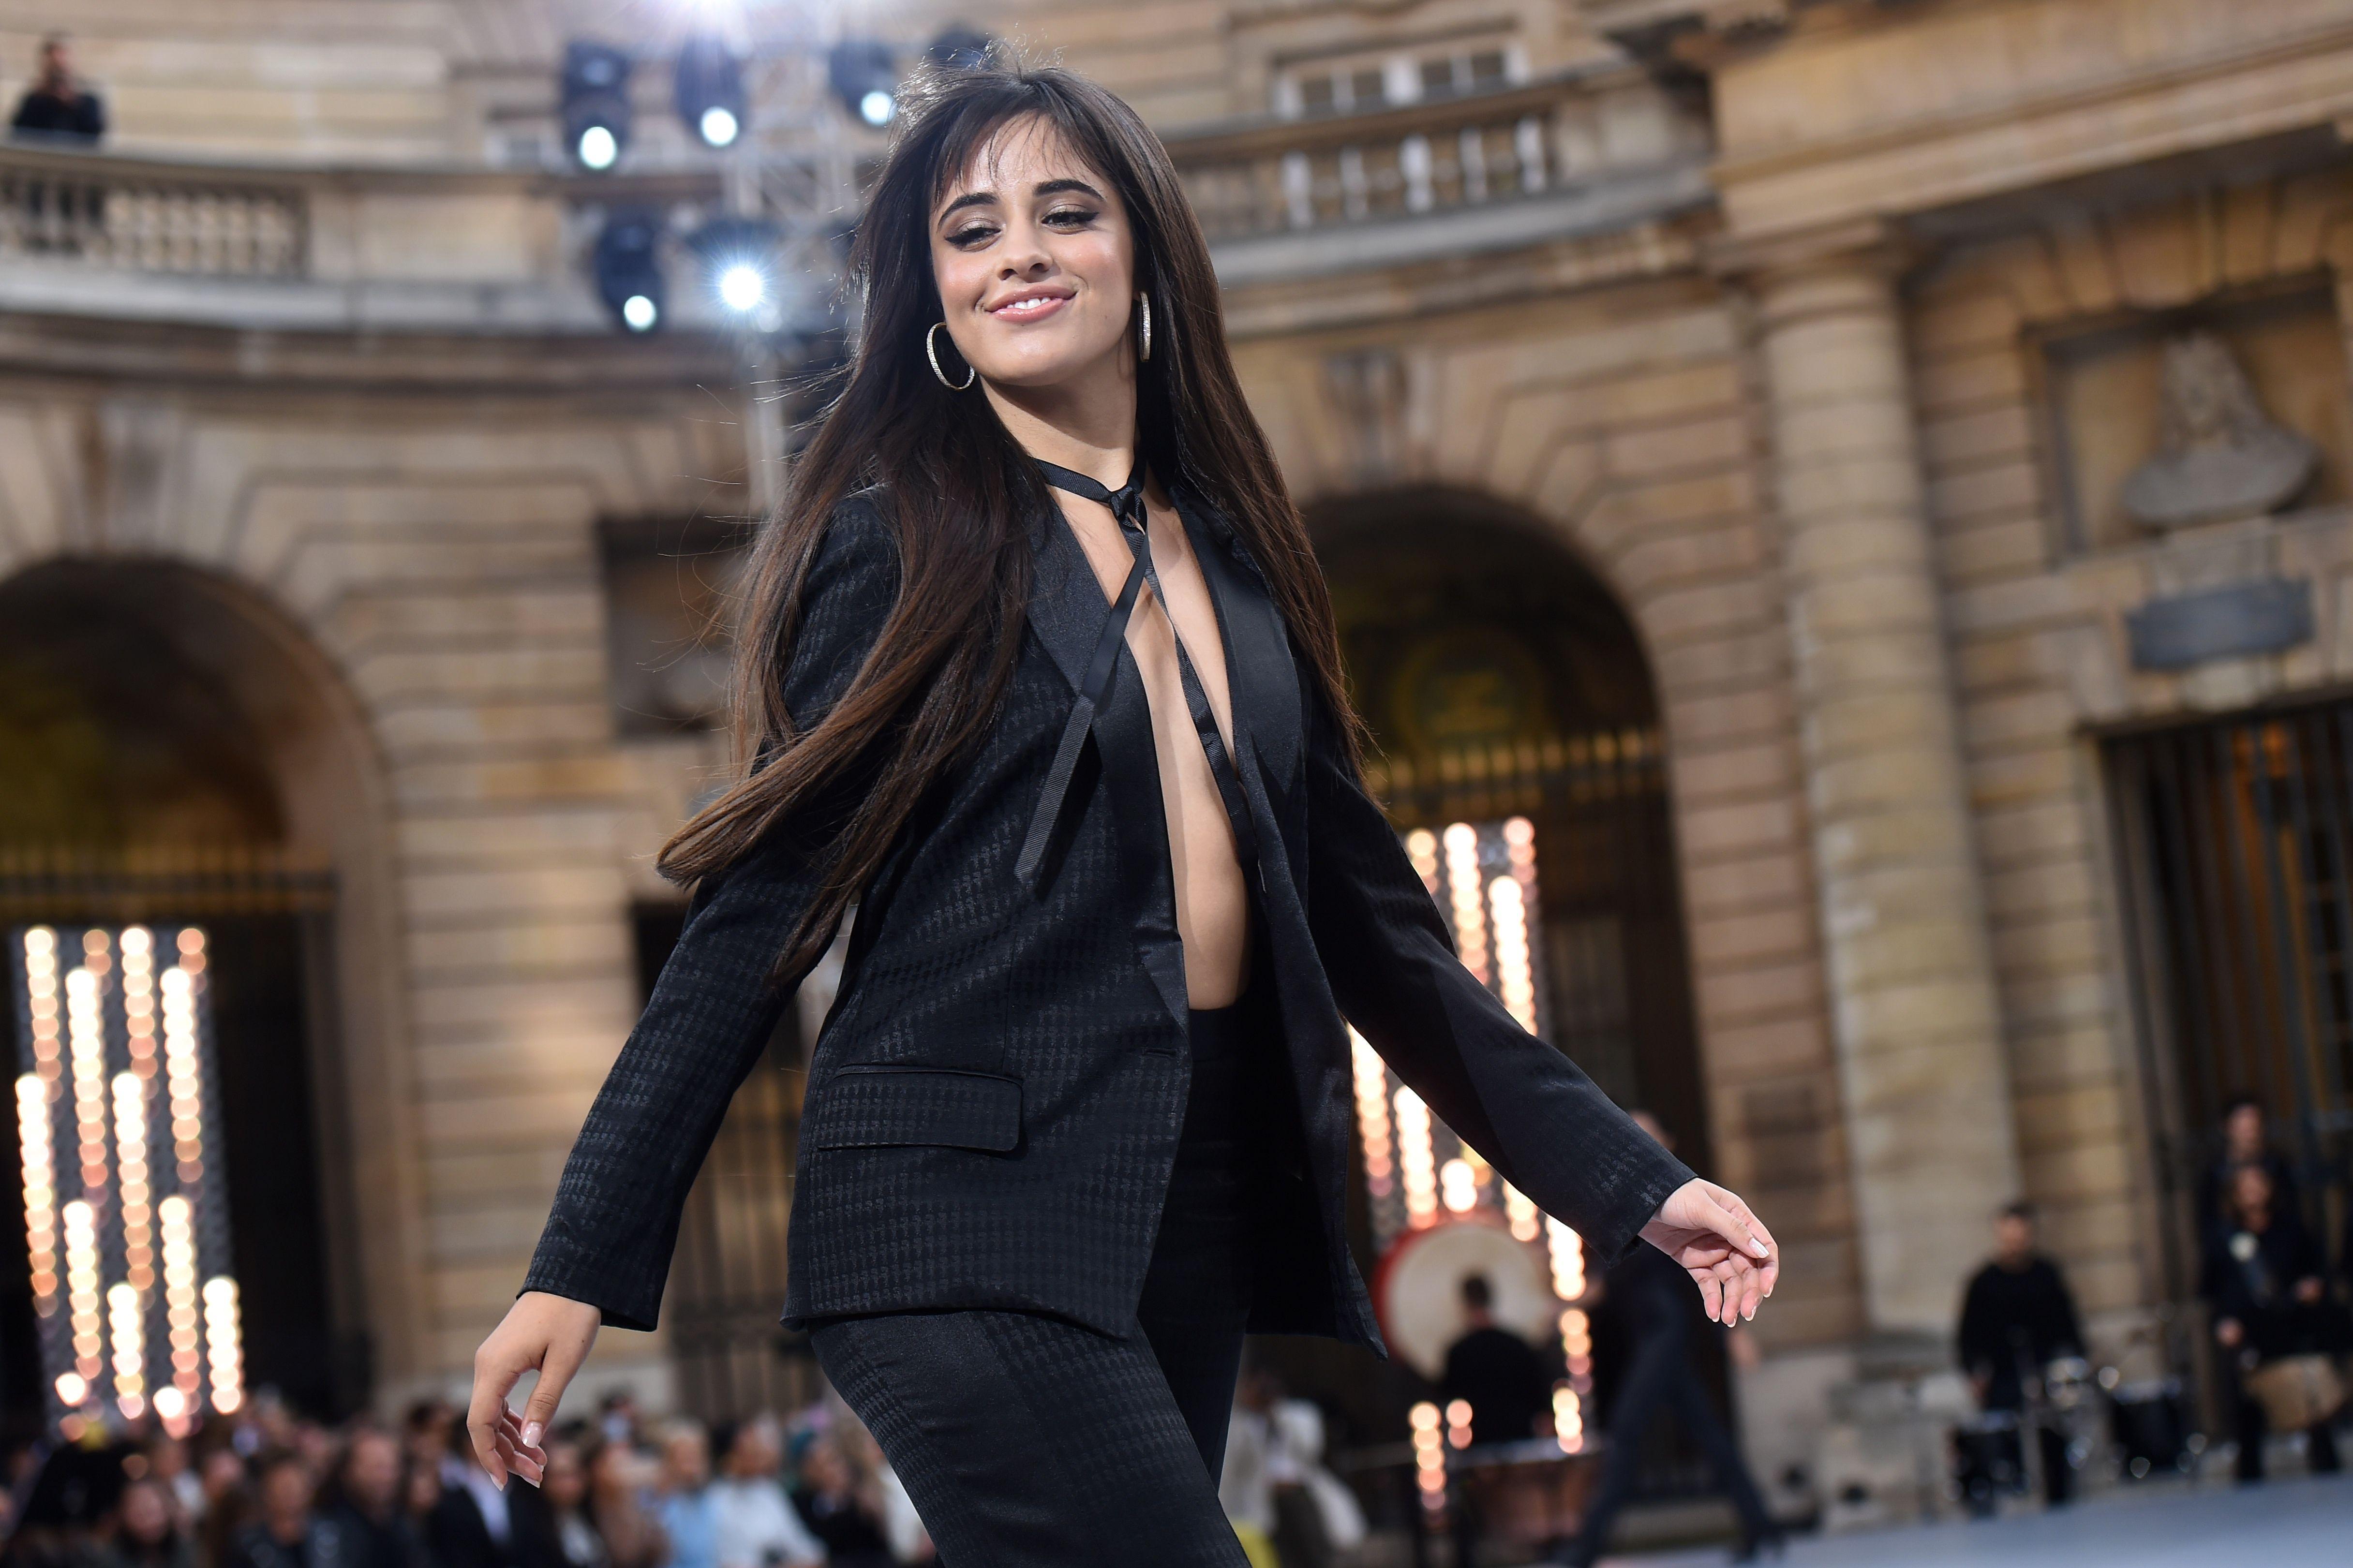 Camila Cabello: Romance review – giddy, frisky fun